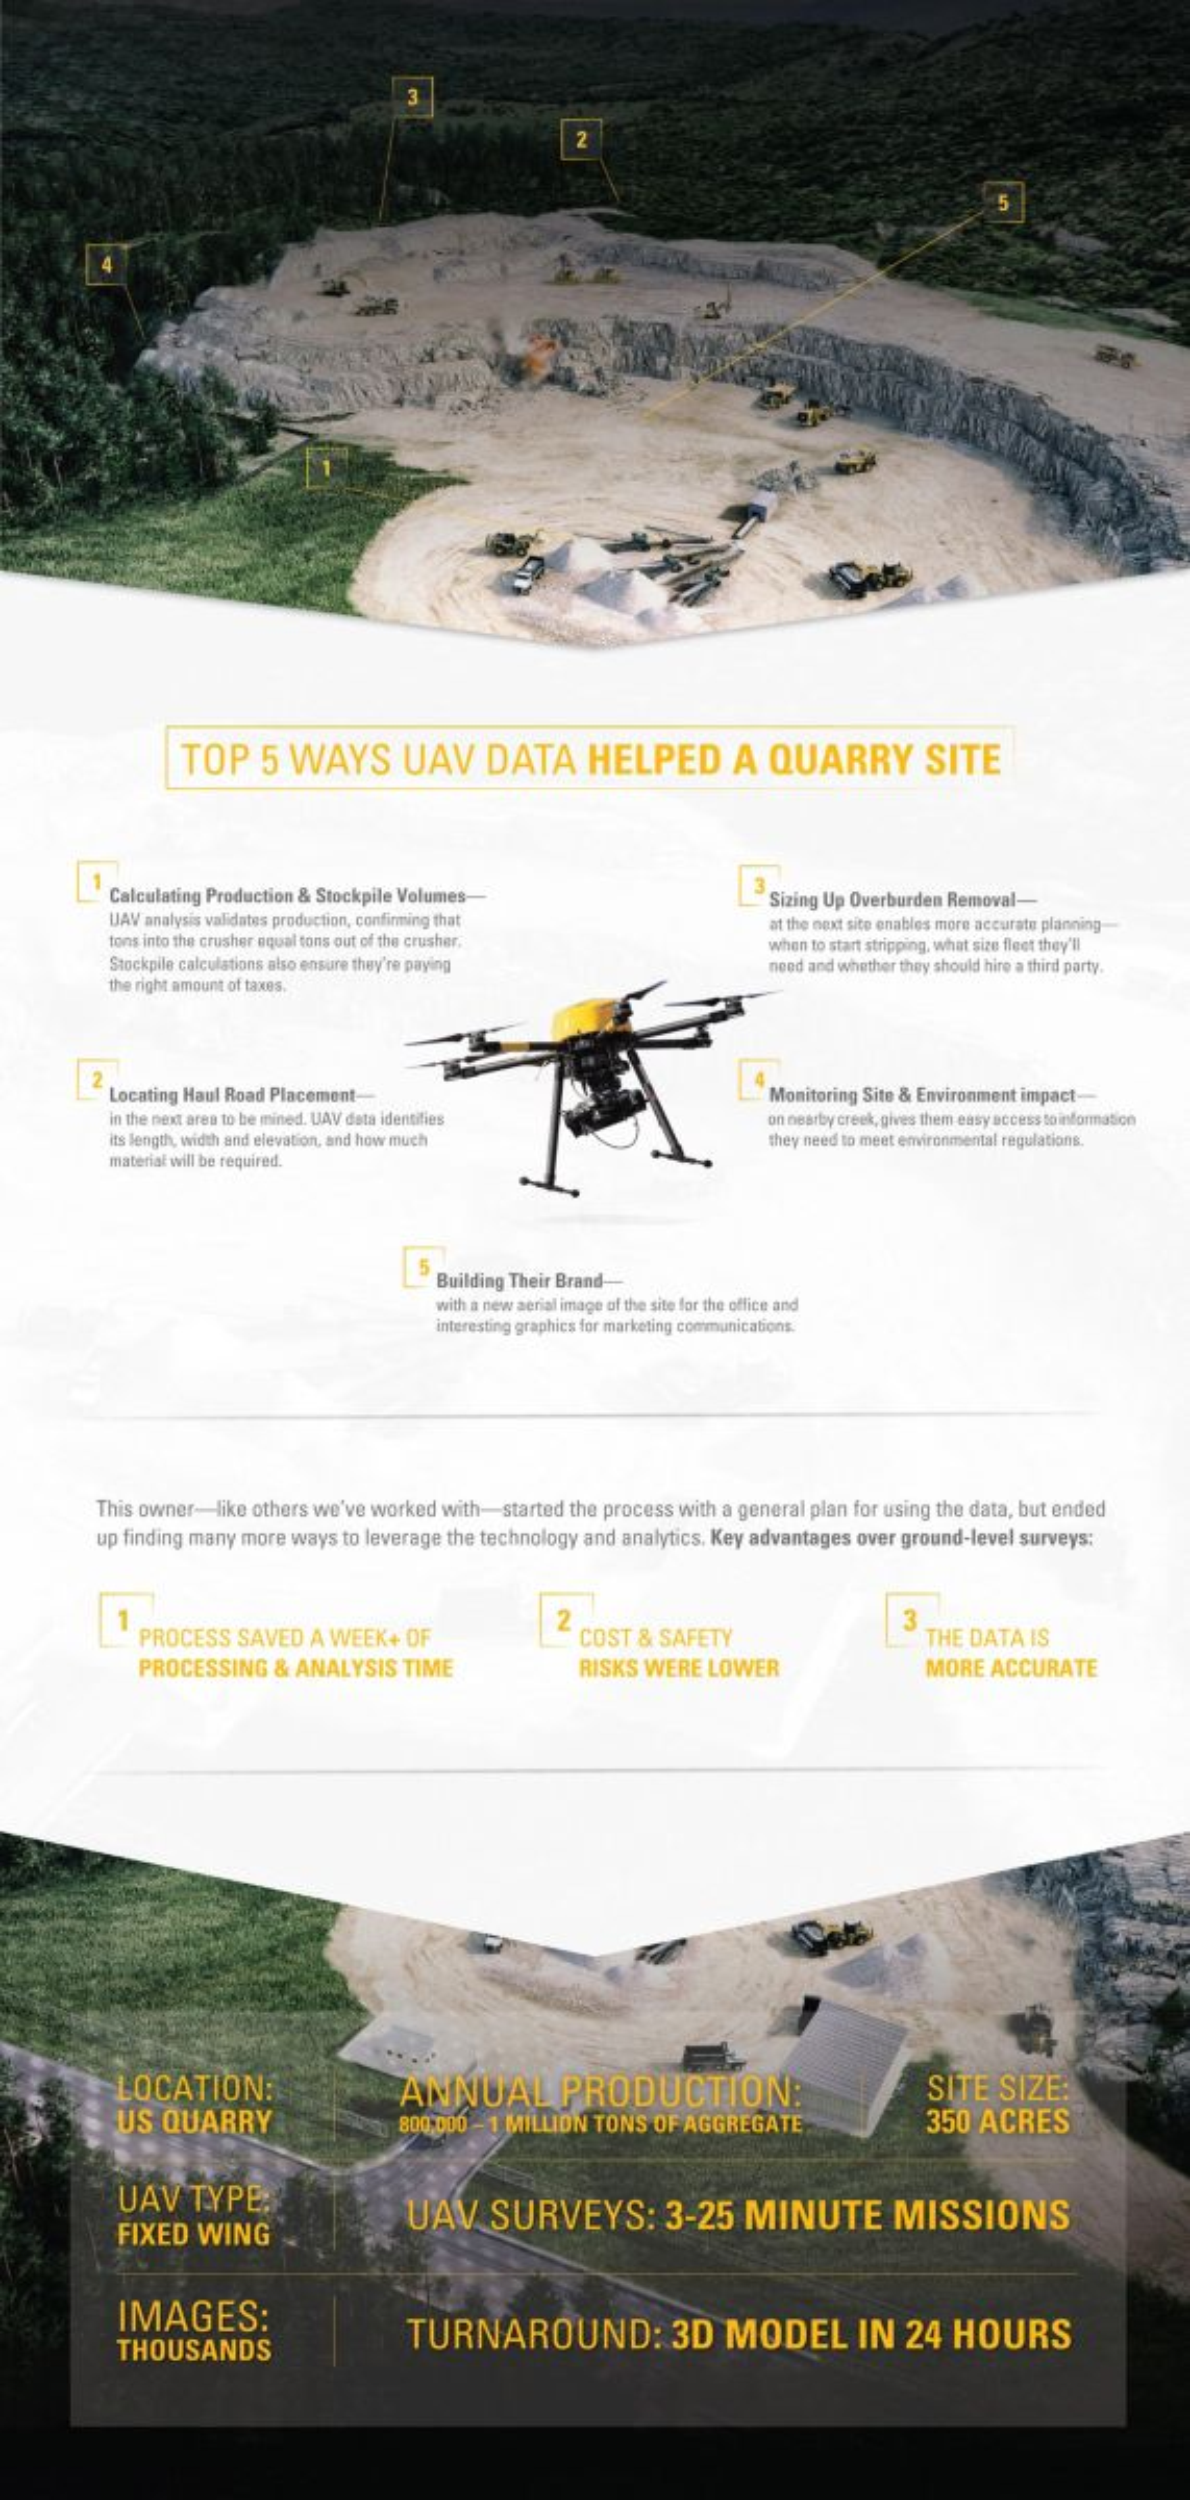 UAV Technology